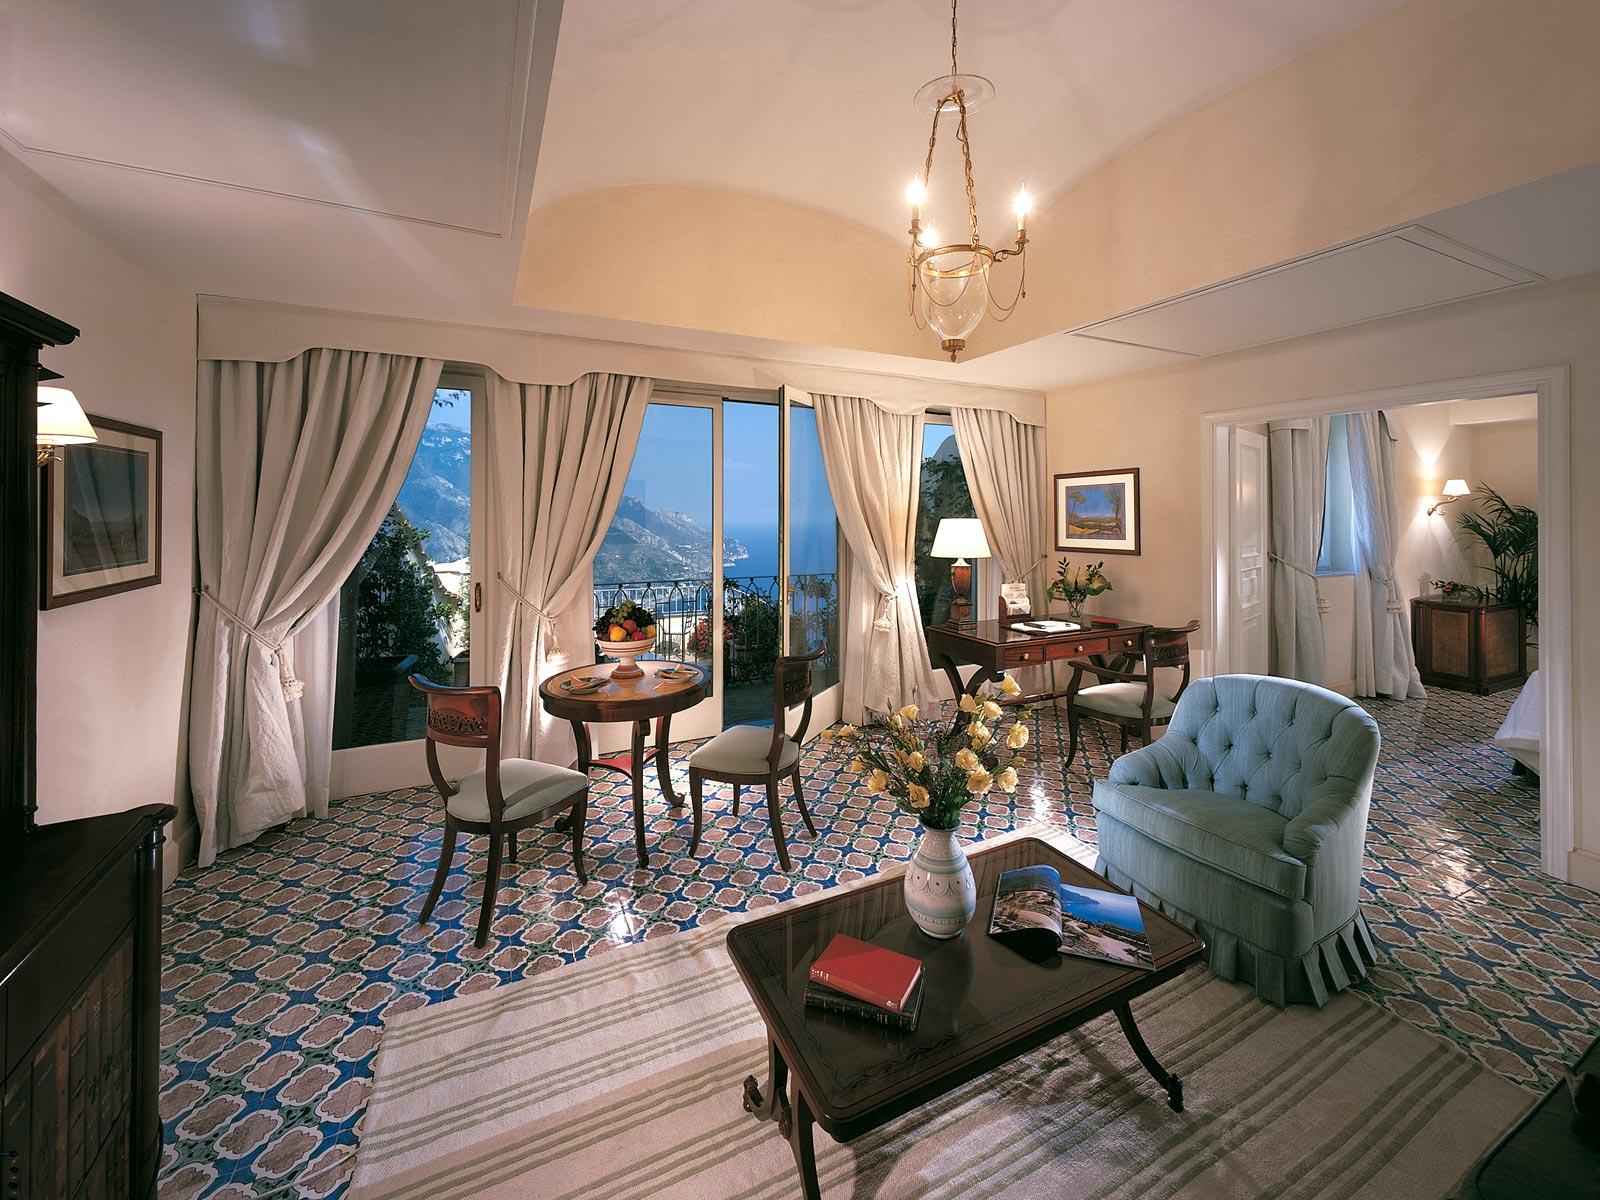 arredamenti di lusso made in italy per ville hotel e